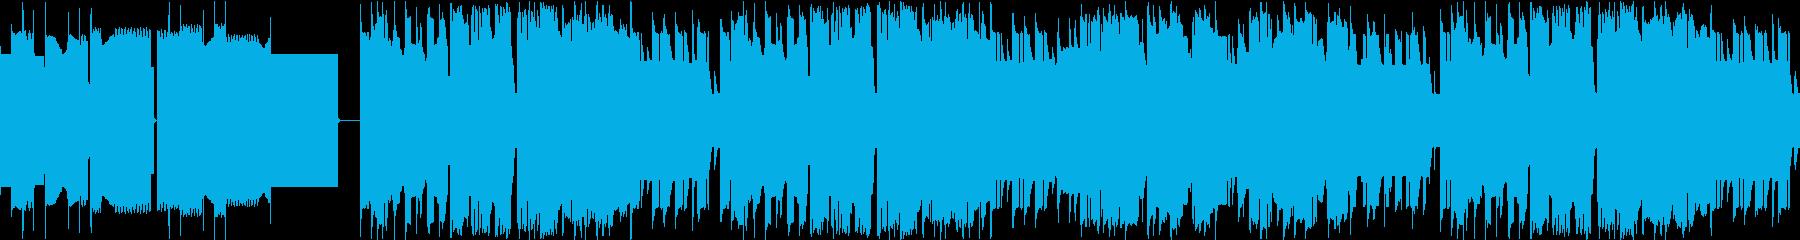 ファミコン風エンディング/チップチューンの再生済みの波形